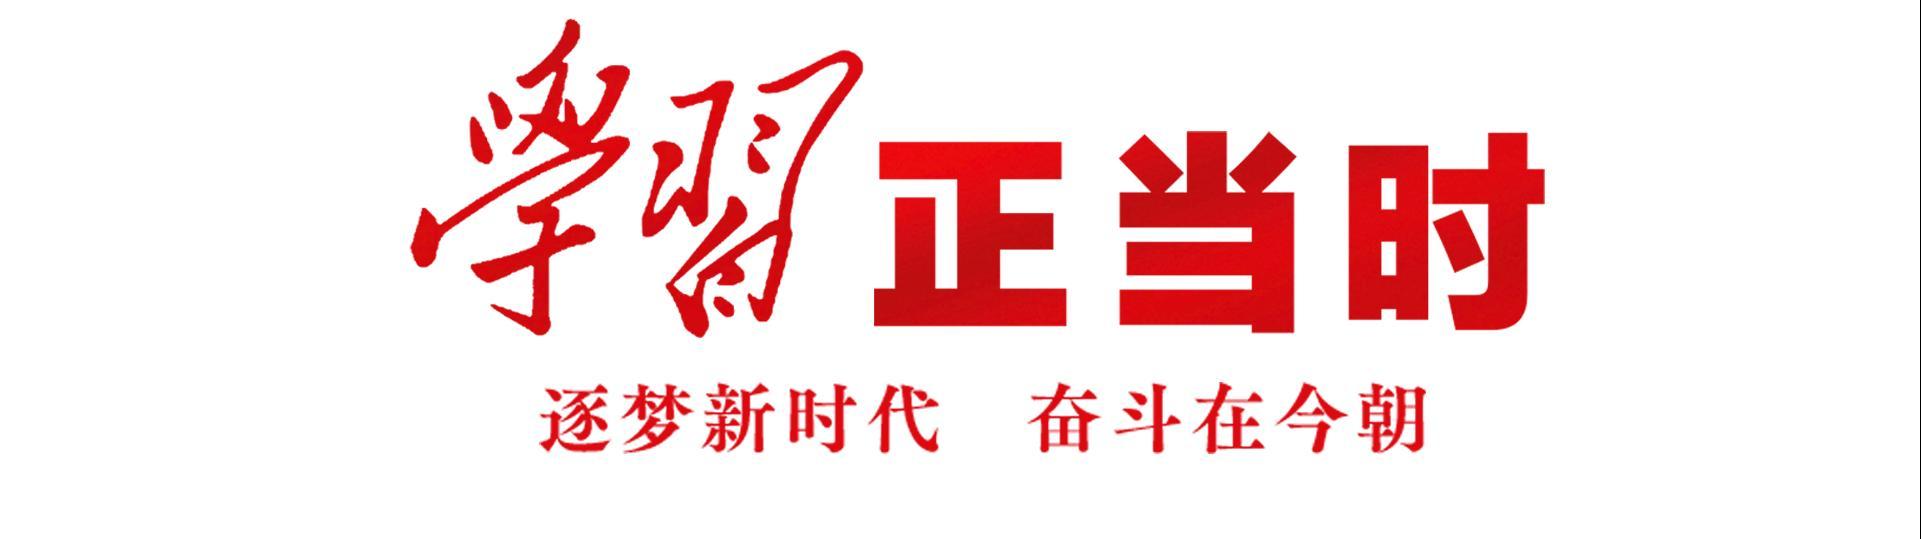 你是我兄弟分集剧情_英文谷歌_襄樊视频在线观看